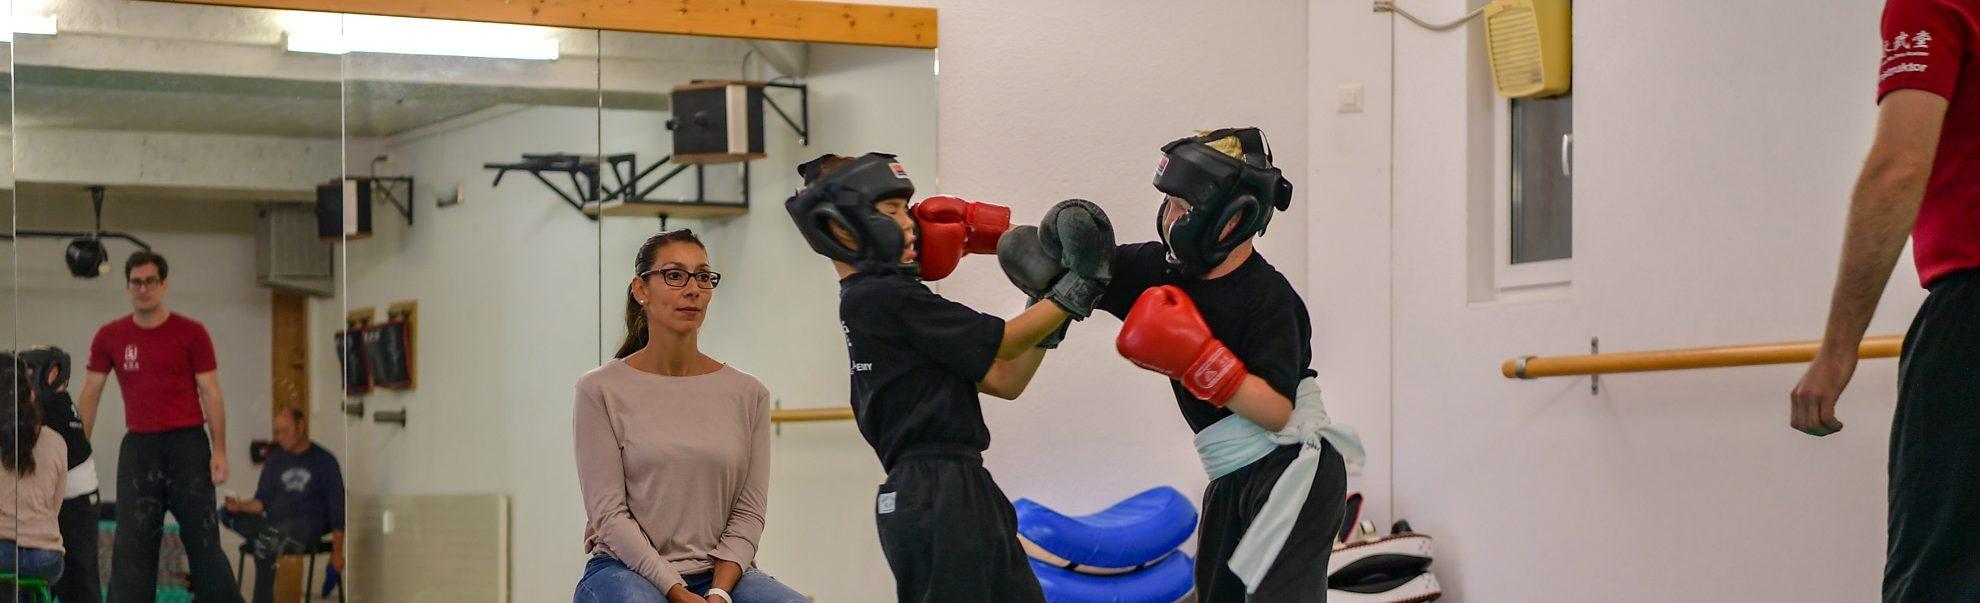 Openmat 3/18 Yong Wu Tang Academy Frauenfeld. 1.9.2018. Fotos: Marcel Sauder